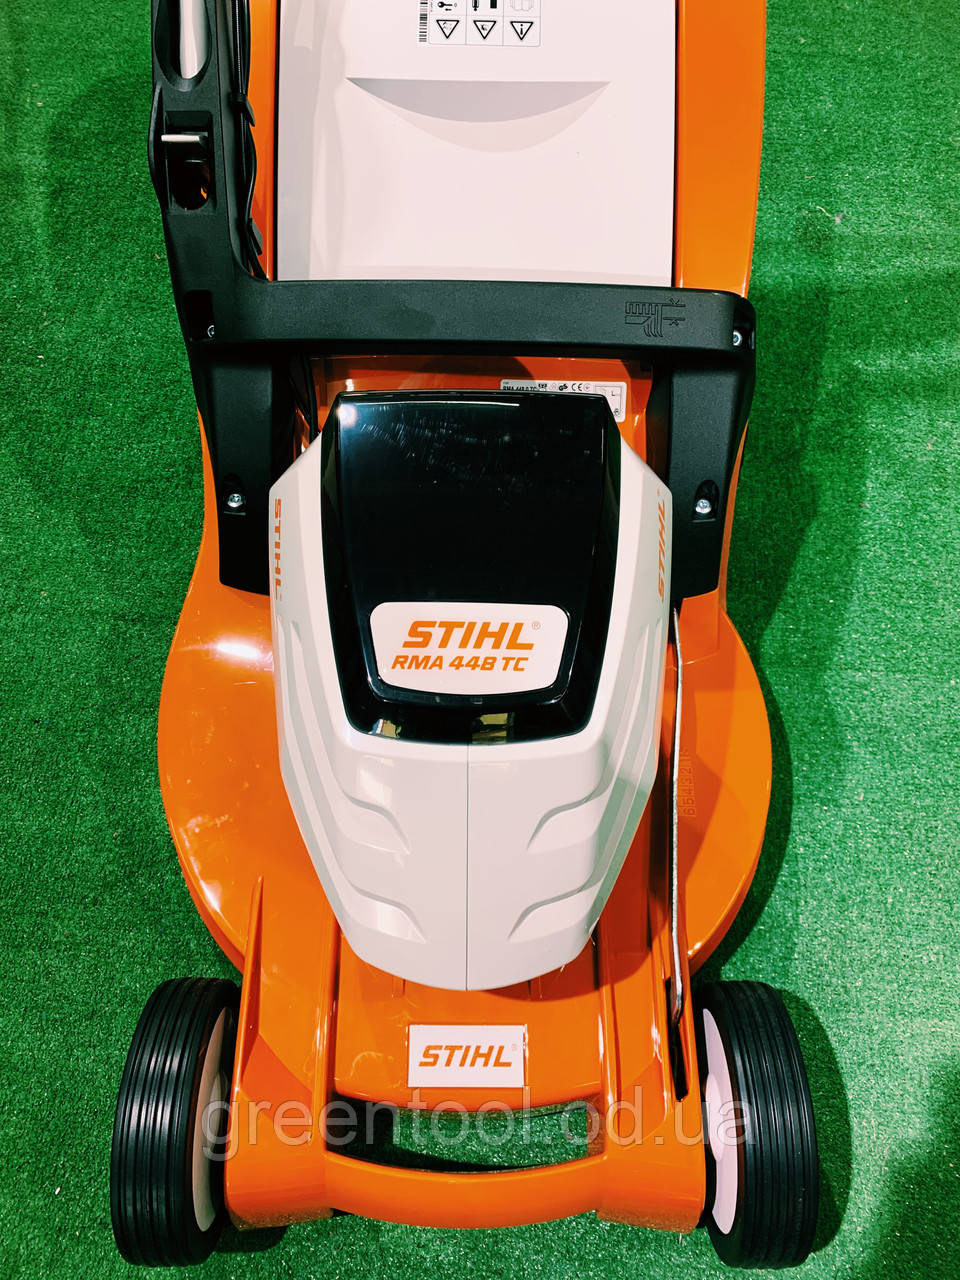 Аккумуляторная газонокосилка STIHL RMA 448TC Комплект